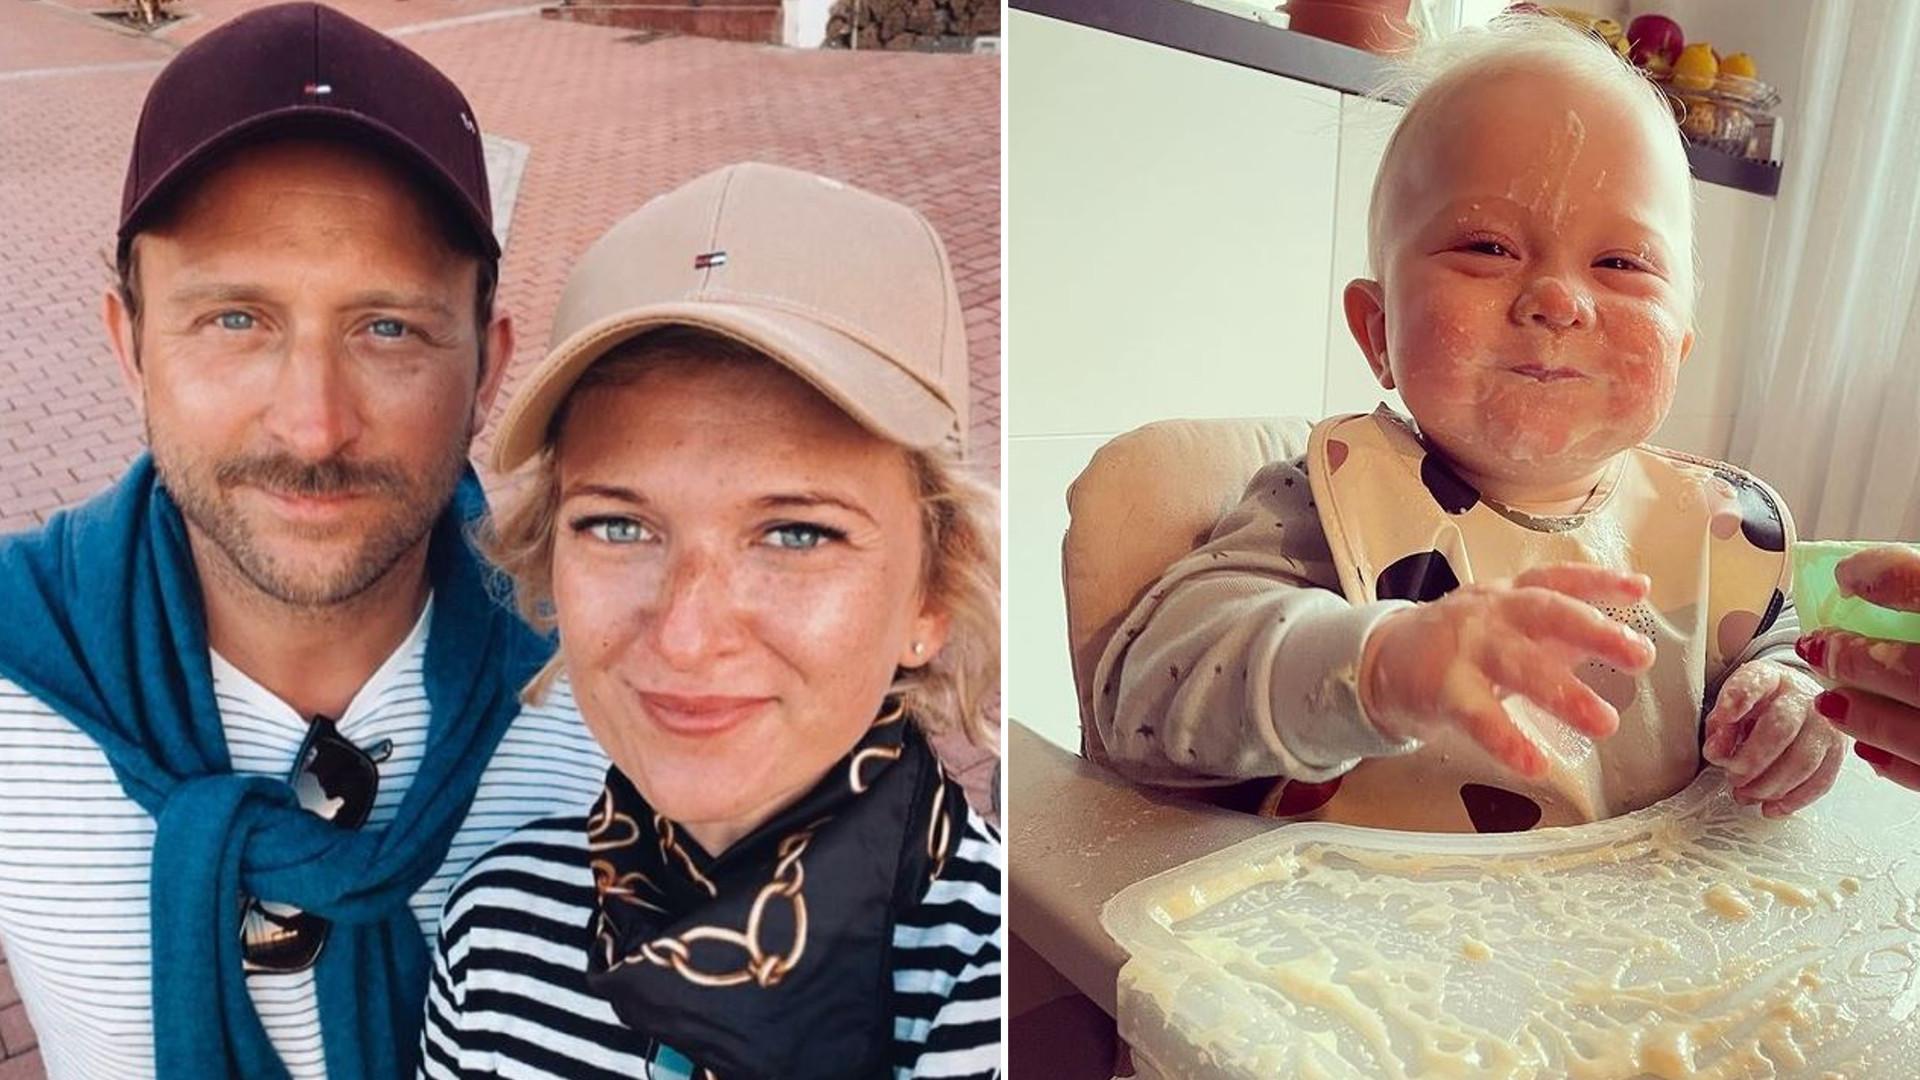 Borys Szyc świętuje ROK syna. Pokazał zdjęcia z imprezy urodzinowej